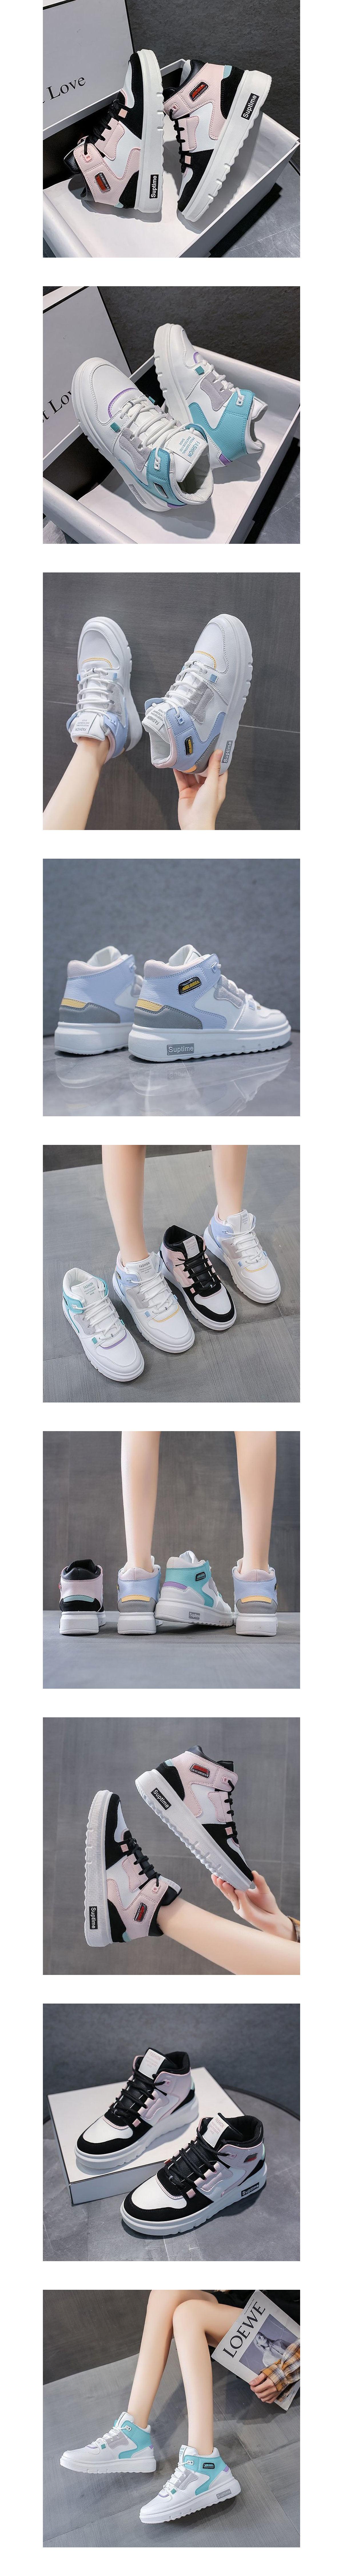 休閒厚底高筒鞋